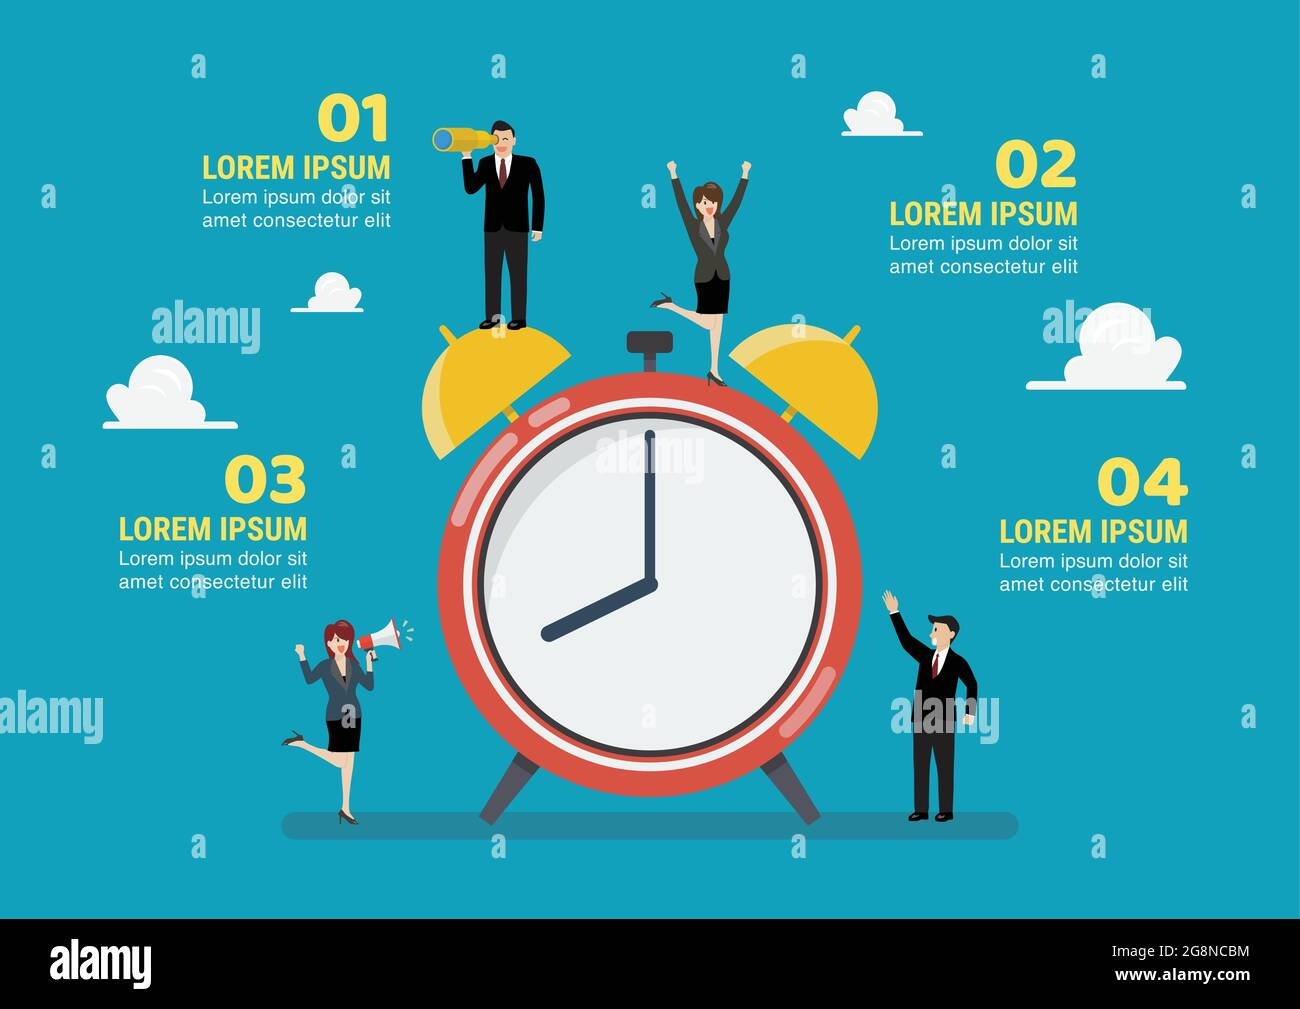 Infographie sur les petites entreprises avec réveil. Concept commercial d'illustration vectorielle Illustration de Vecteur